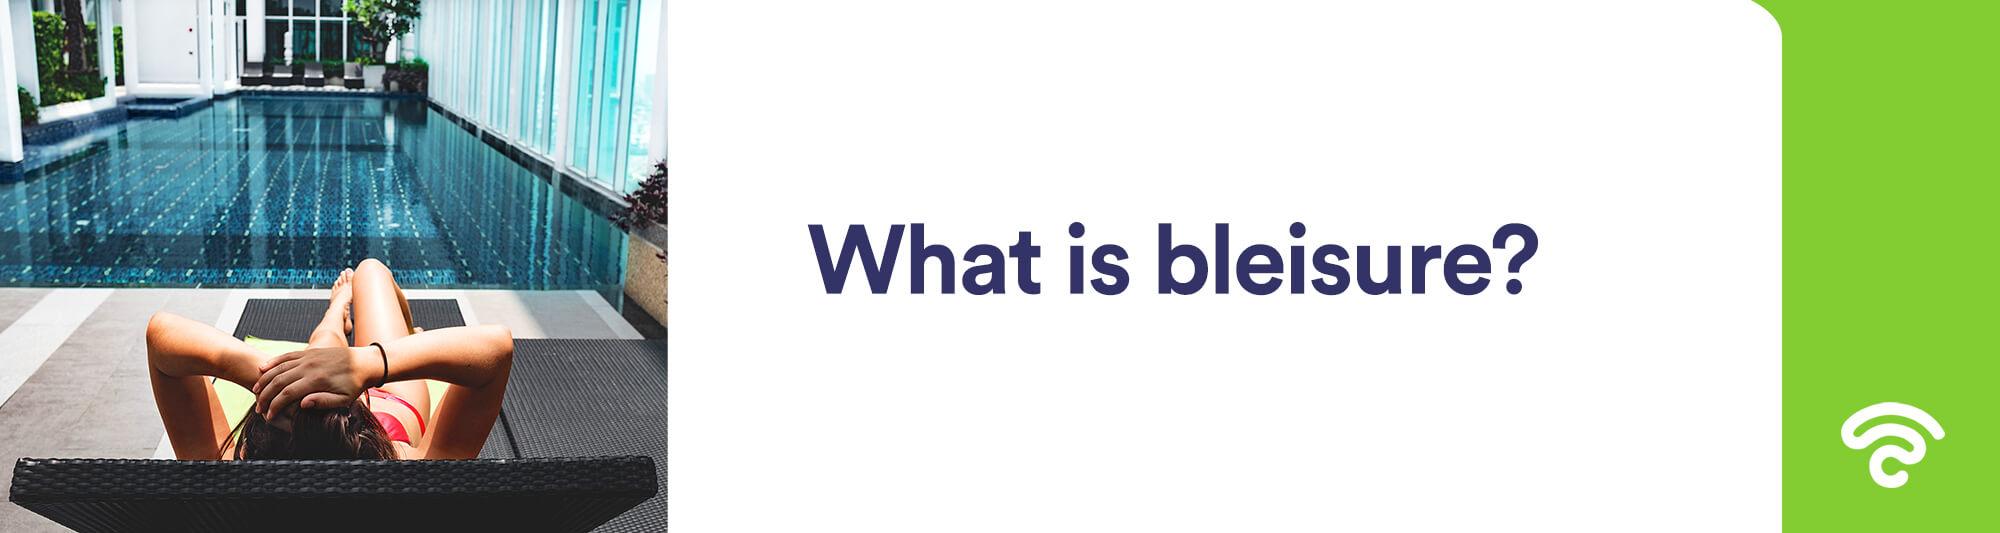 bleisure definition